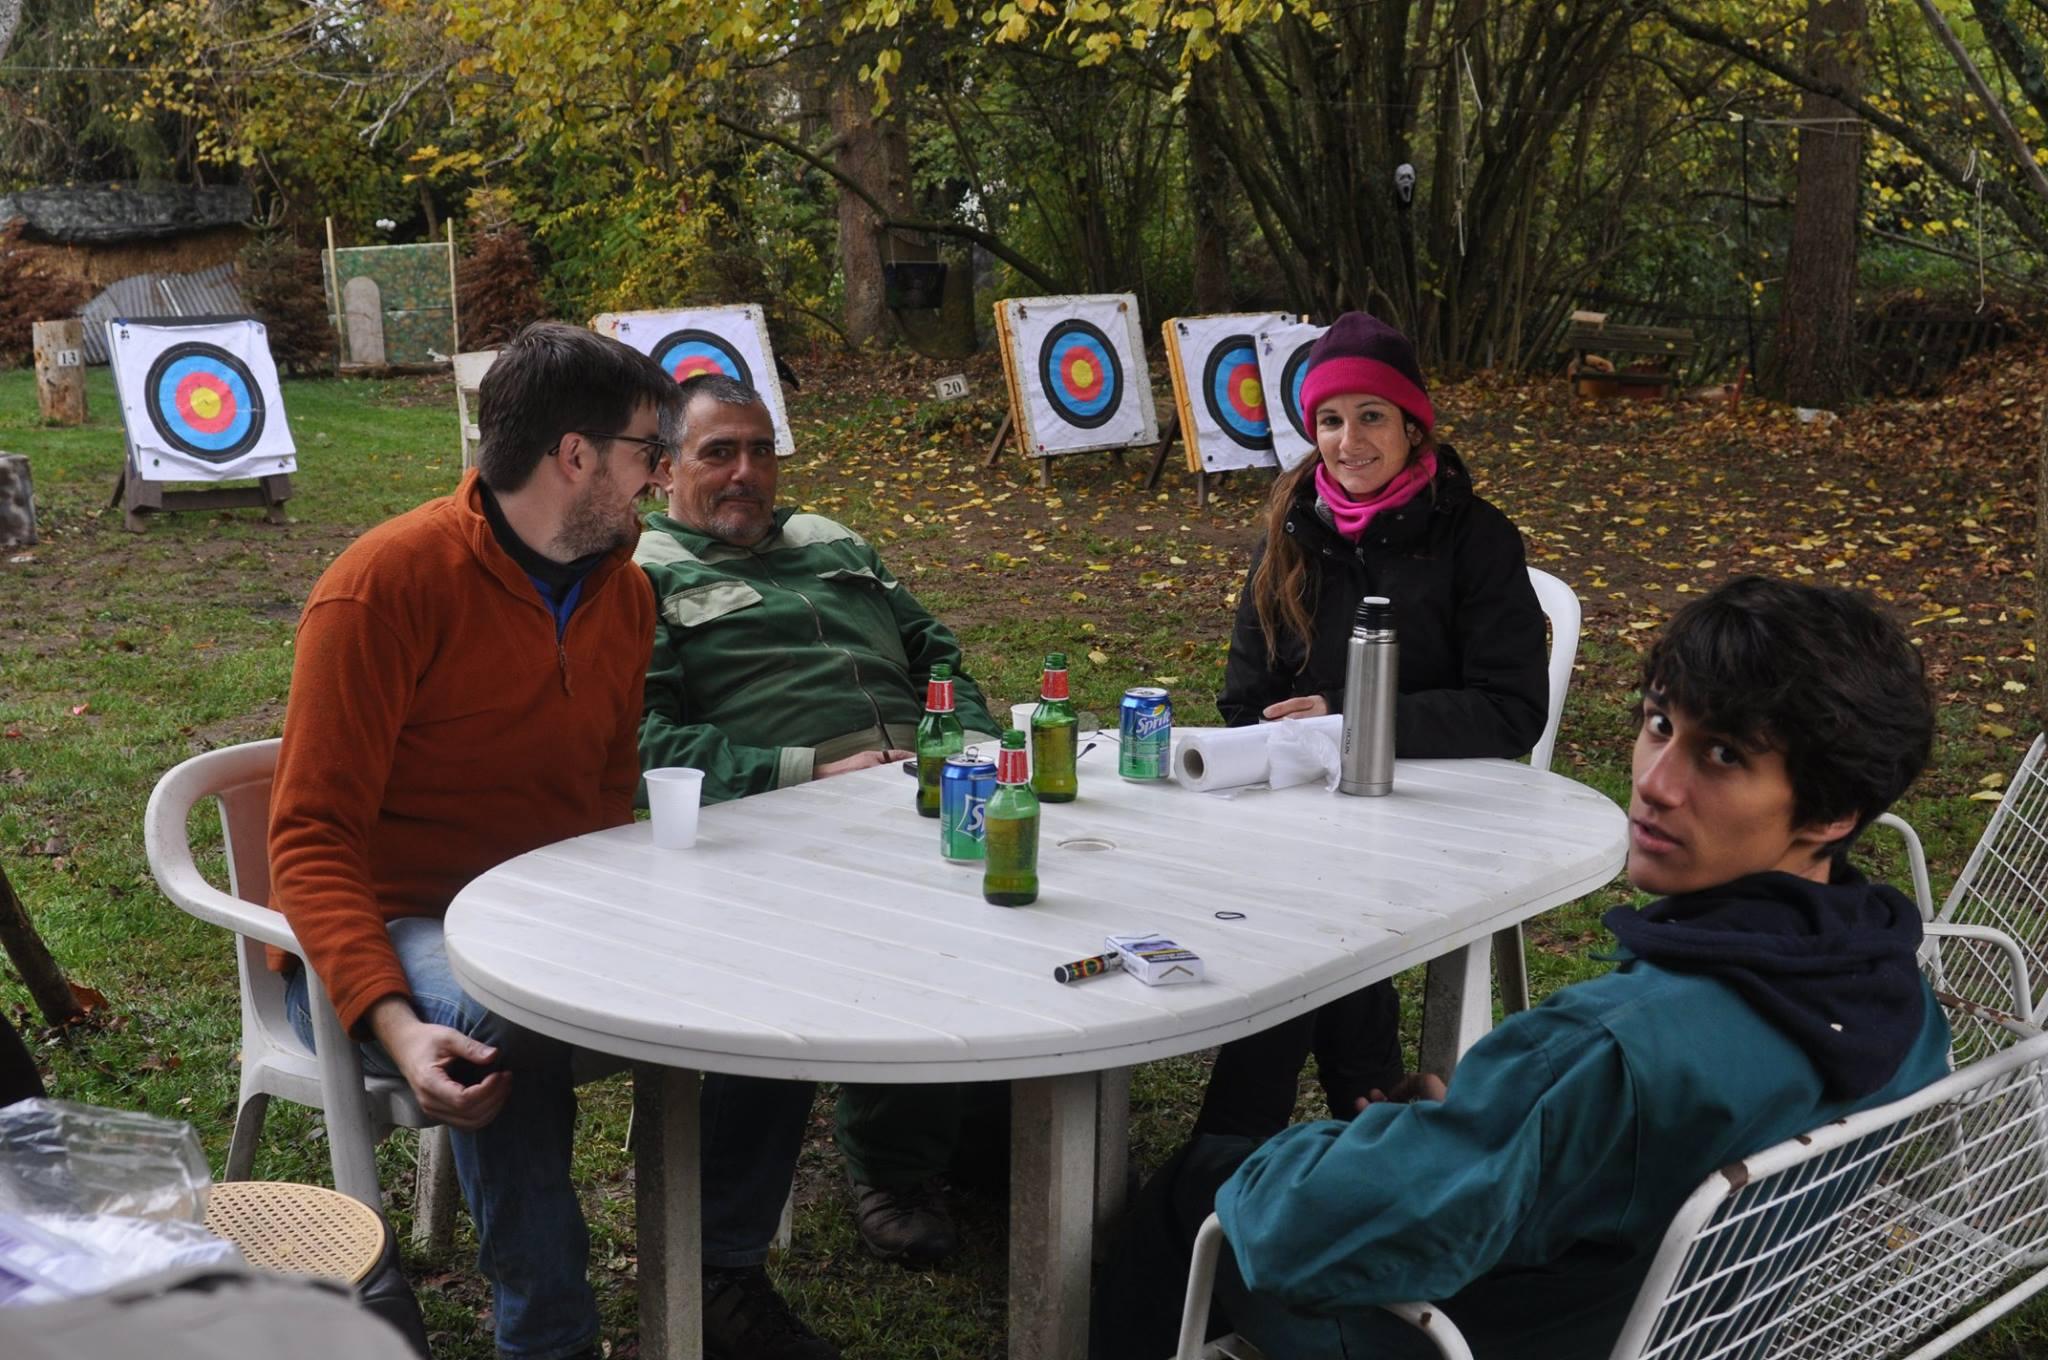 L'image contient peut-être: 3 personnes, personnes souriantes, personnes assises, table, chapeau, arbre et plein air